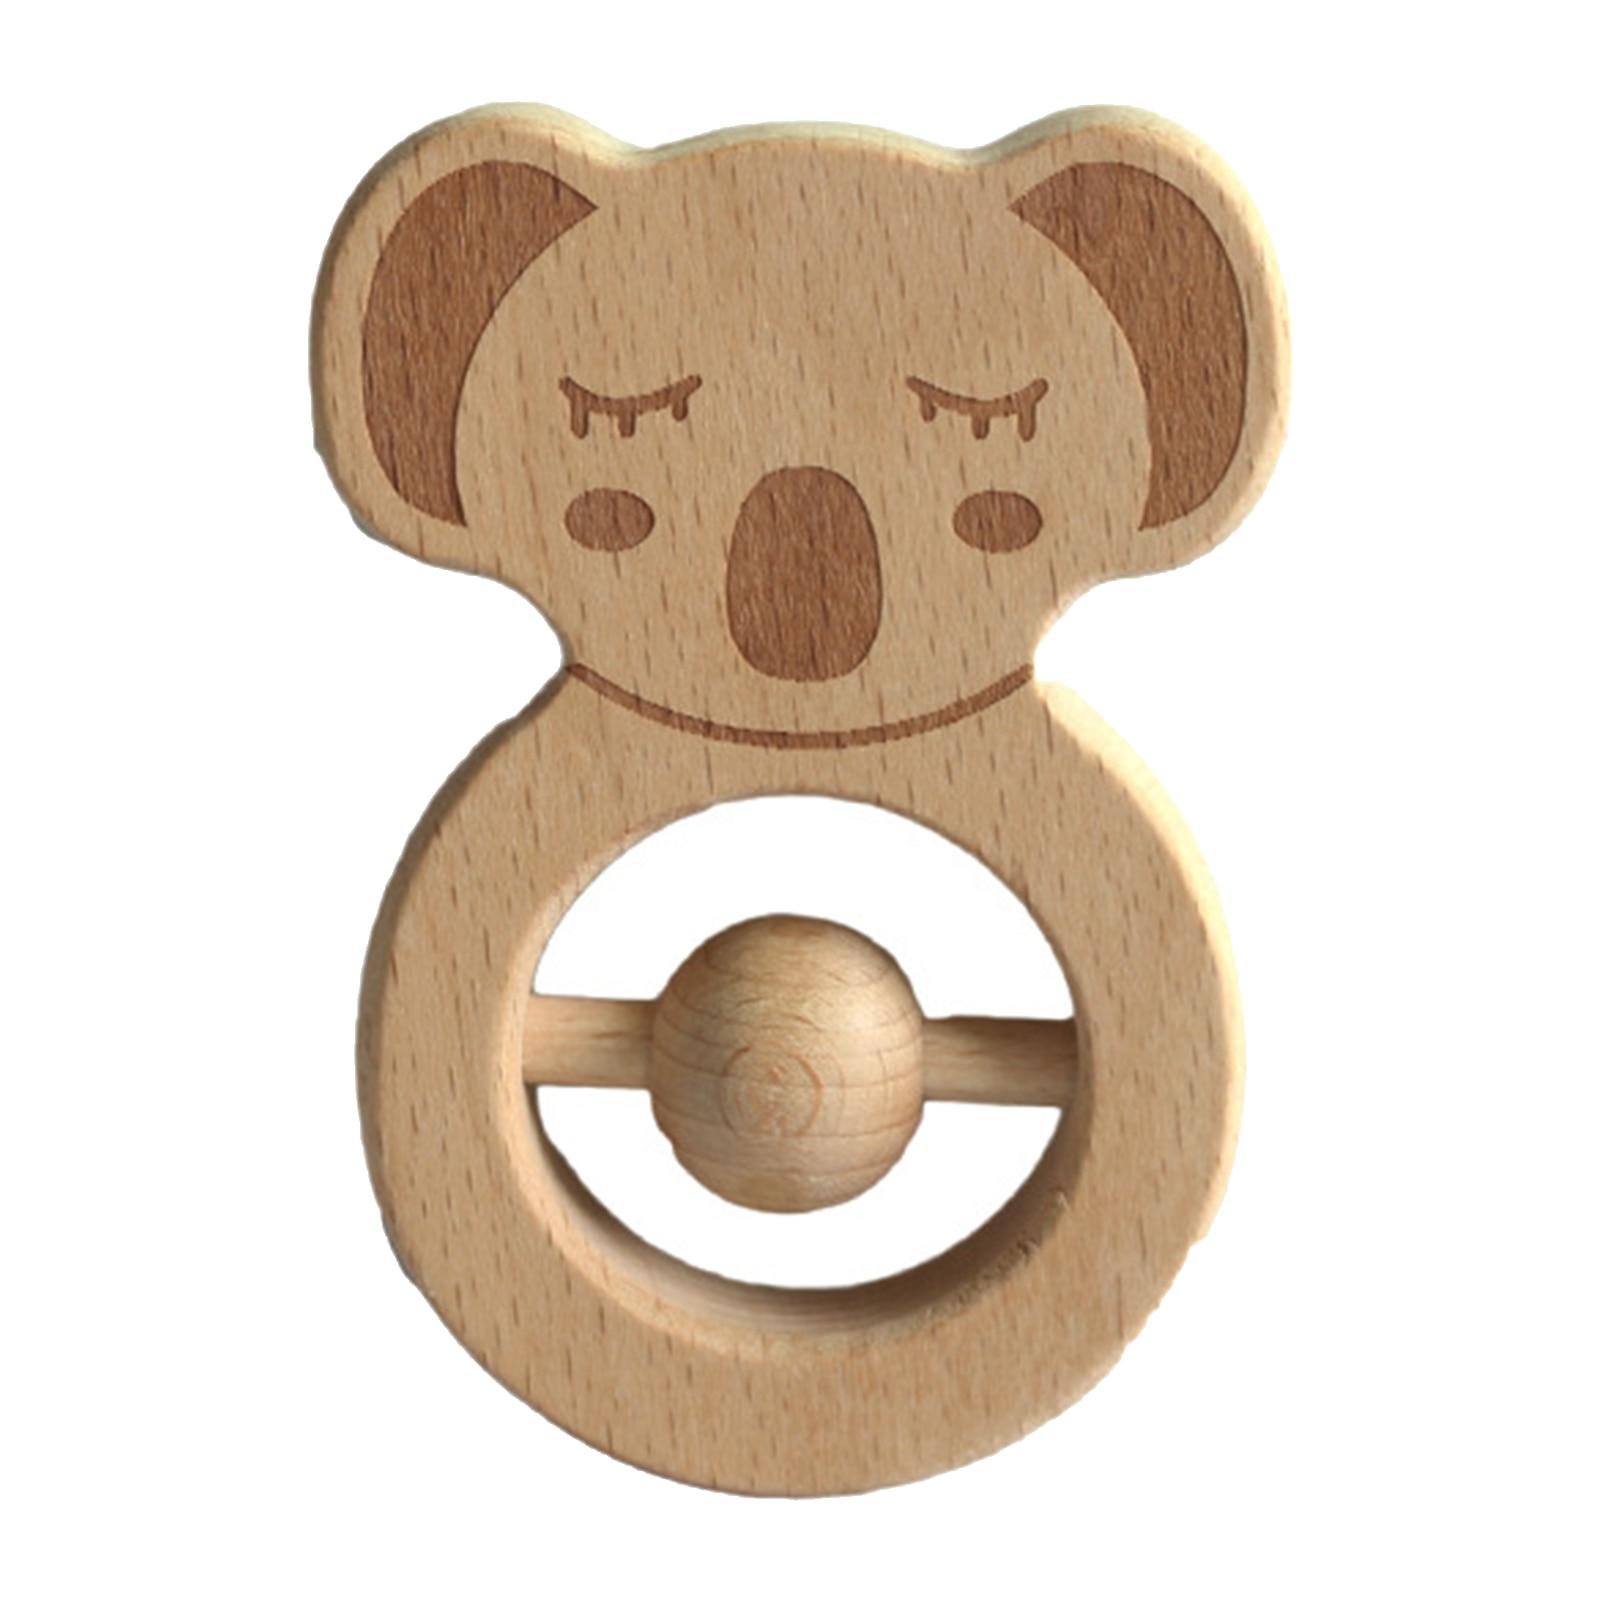 Тизеры из дерева для молярная Прорезыватели для зубов нетоксичный бука животного в форме коалы безопасный новорожденных молярная игрушки ...